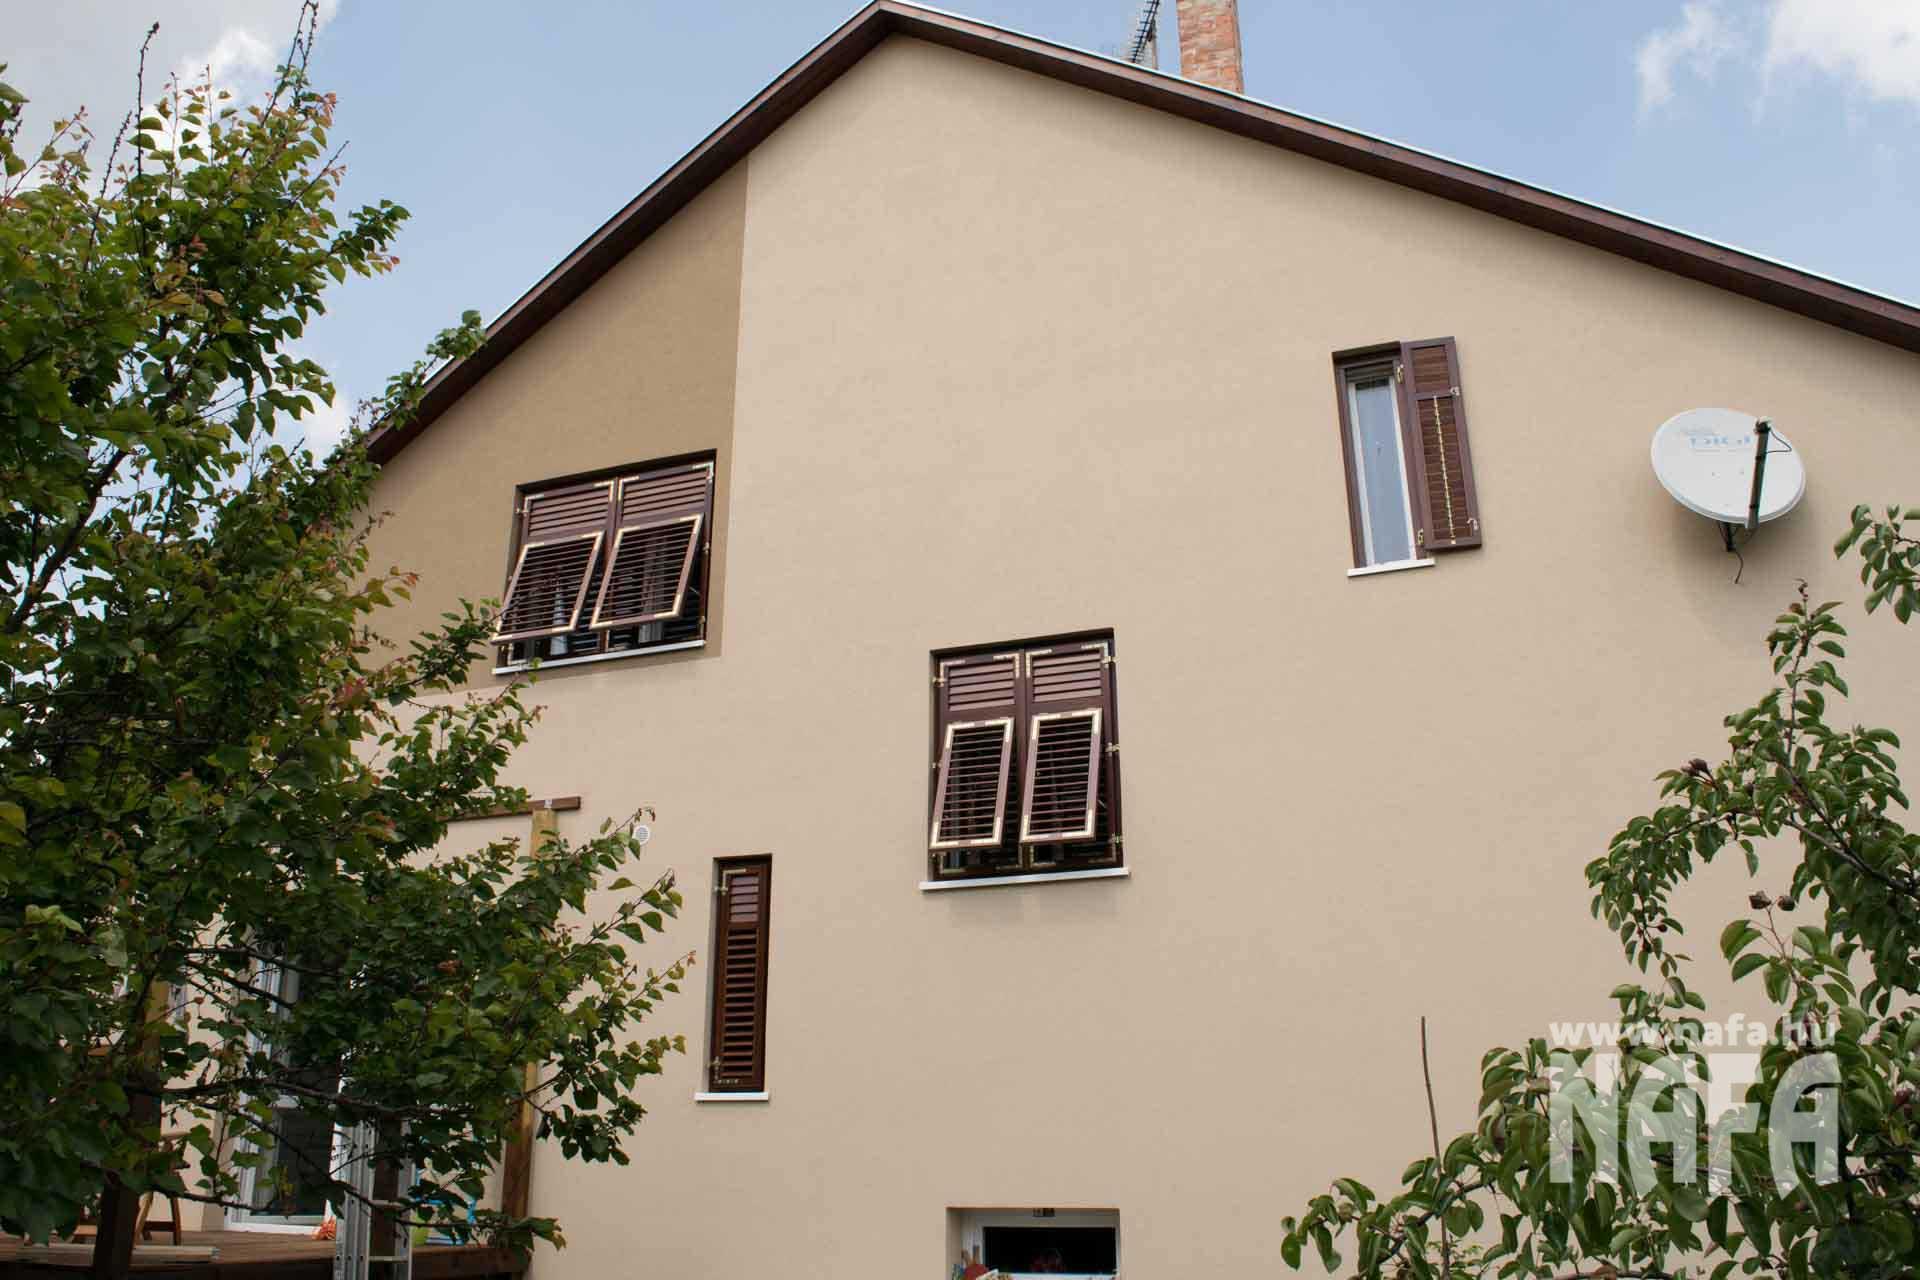 Mediterrán zsalus ablak egyedi festett, Budapest Családiház